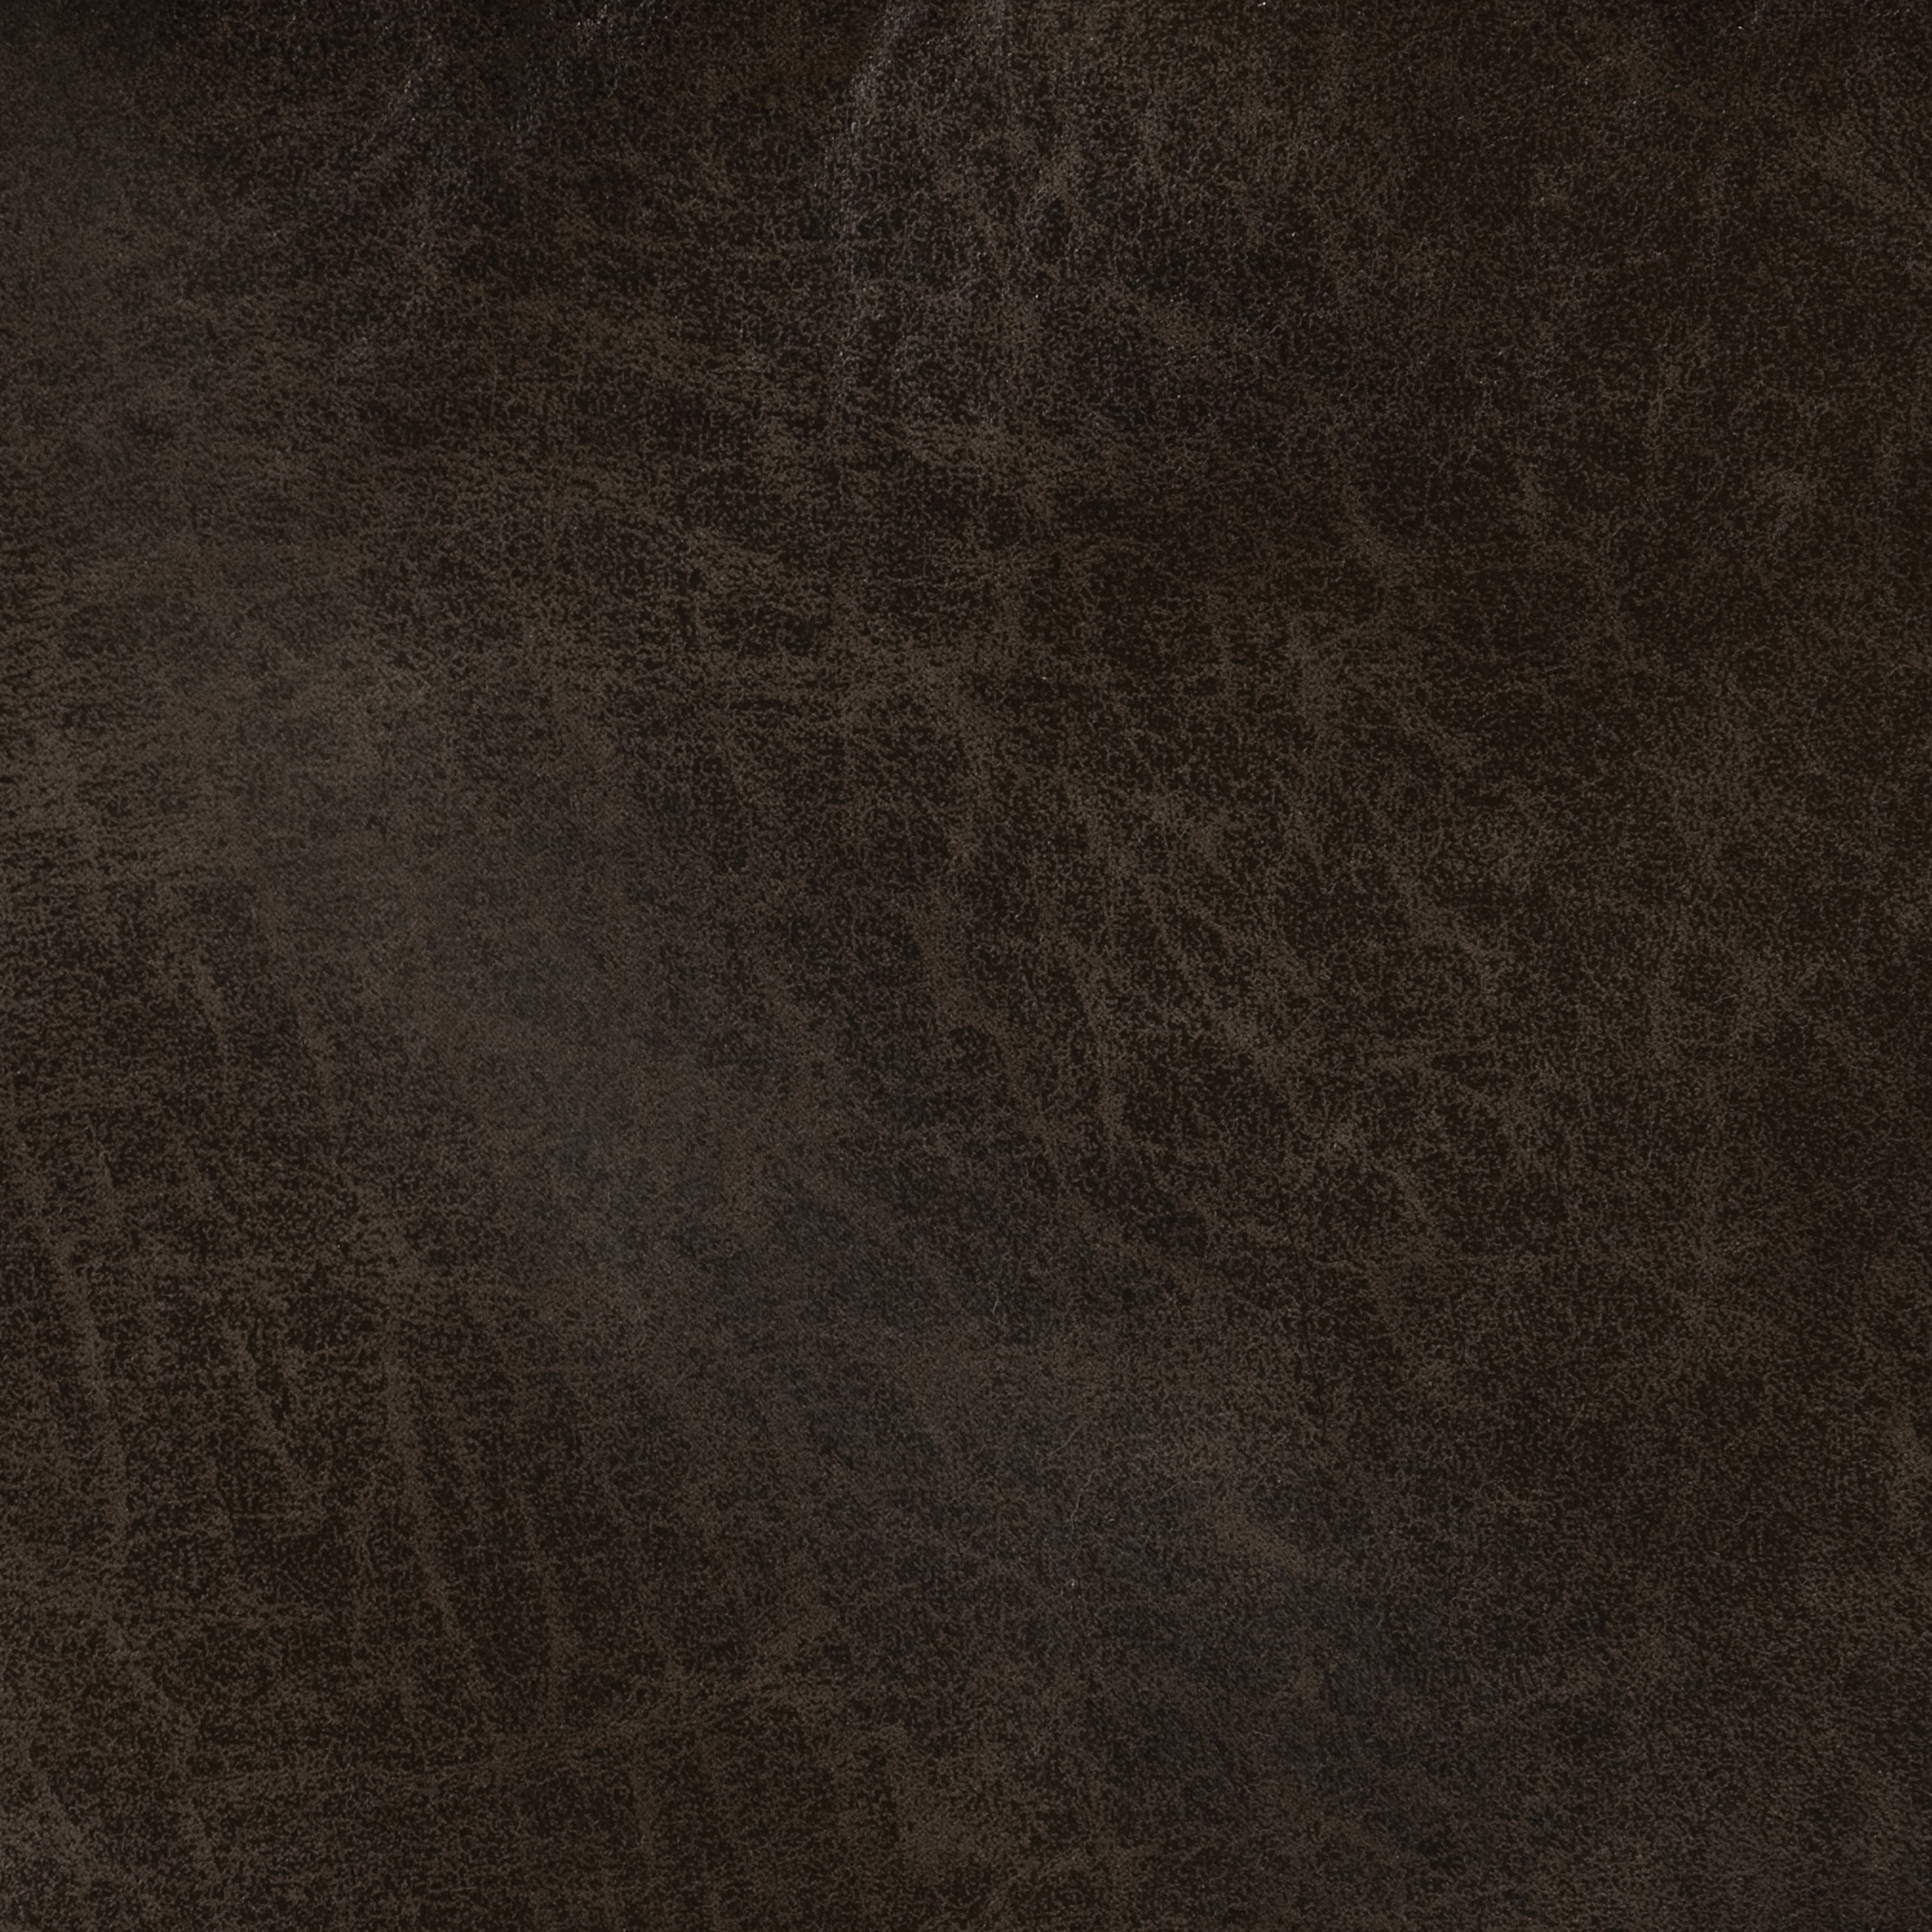 Carbon Faux Leather